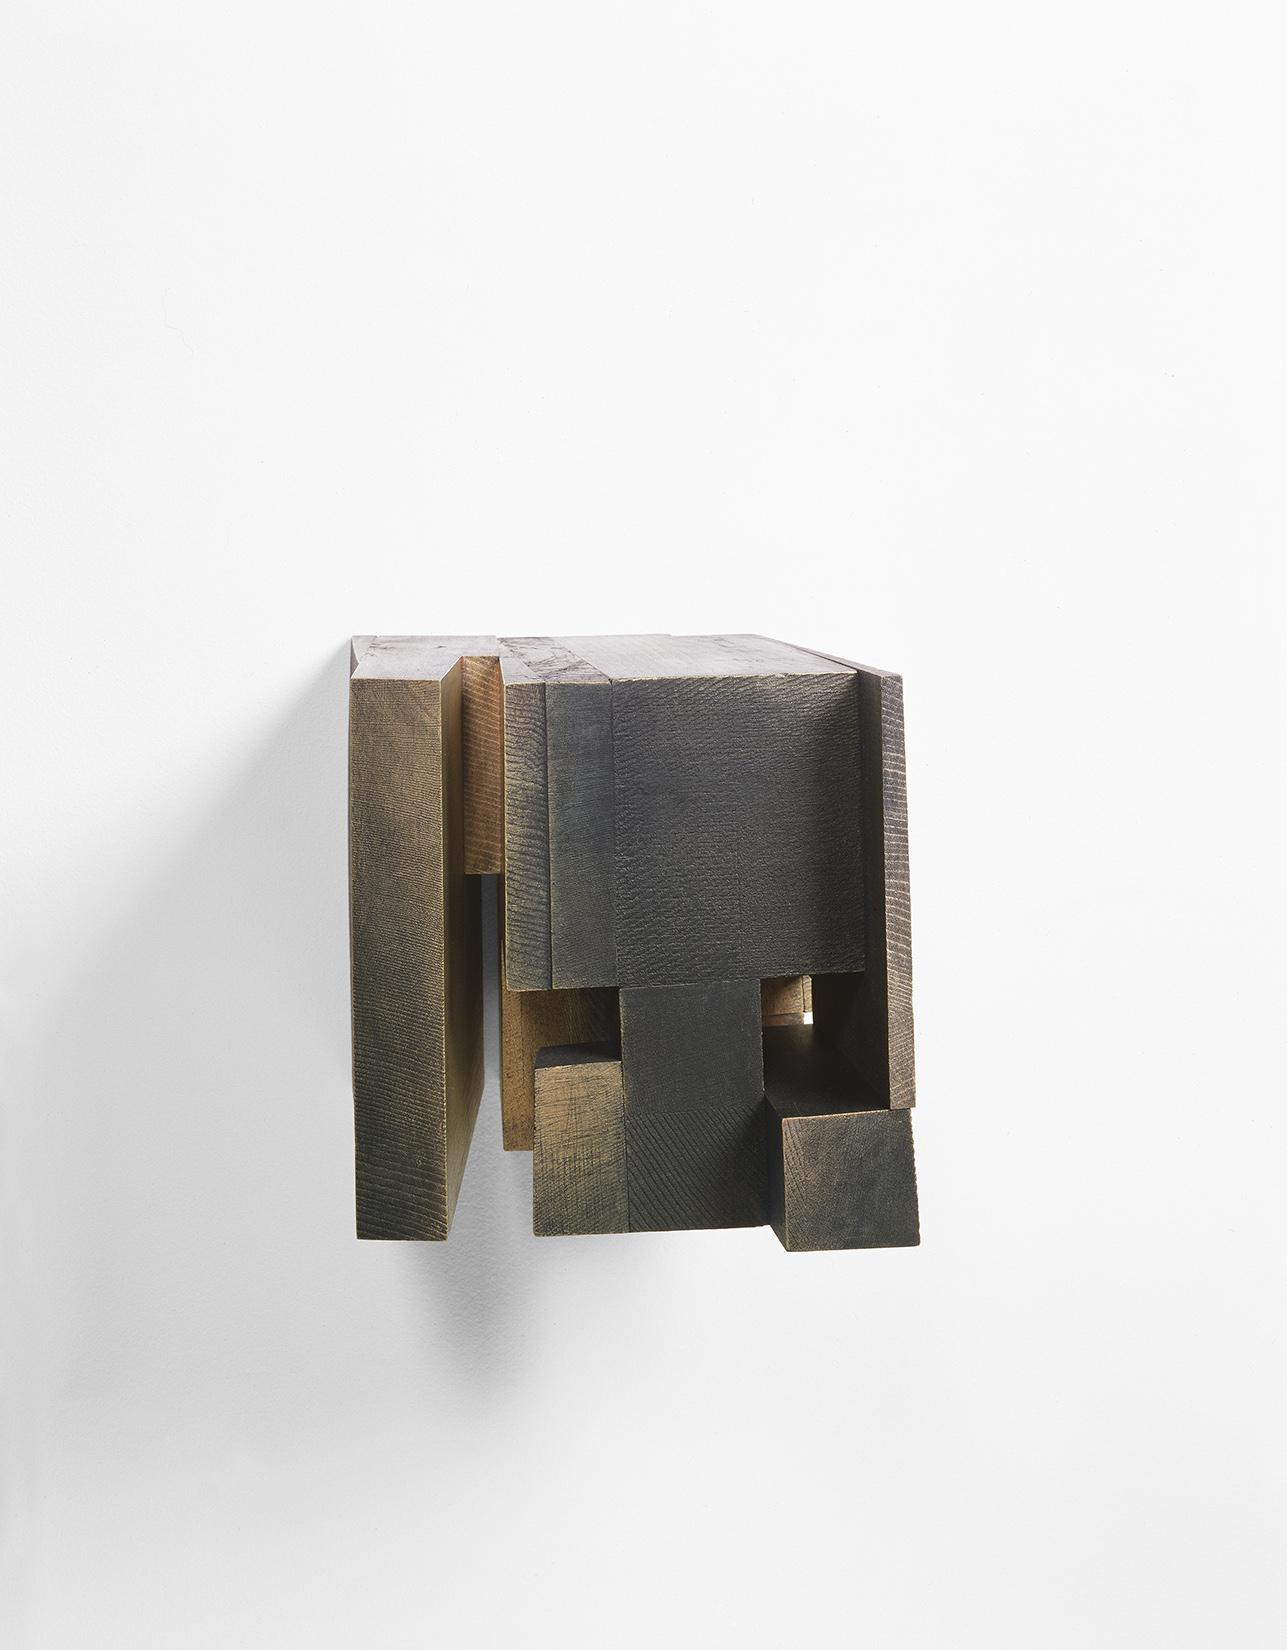 Demeure VII ( 2002)   Bois polychrome, 19.5 x 19 x 23.5 cm, collection de l'artiste. photo : Richard-Max Tremblay